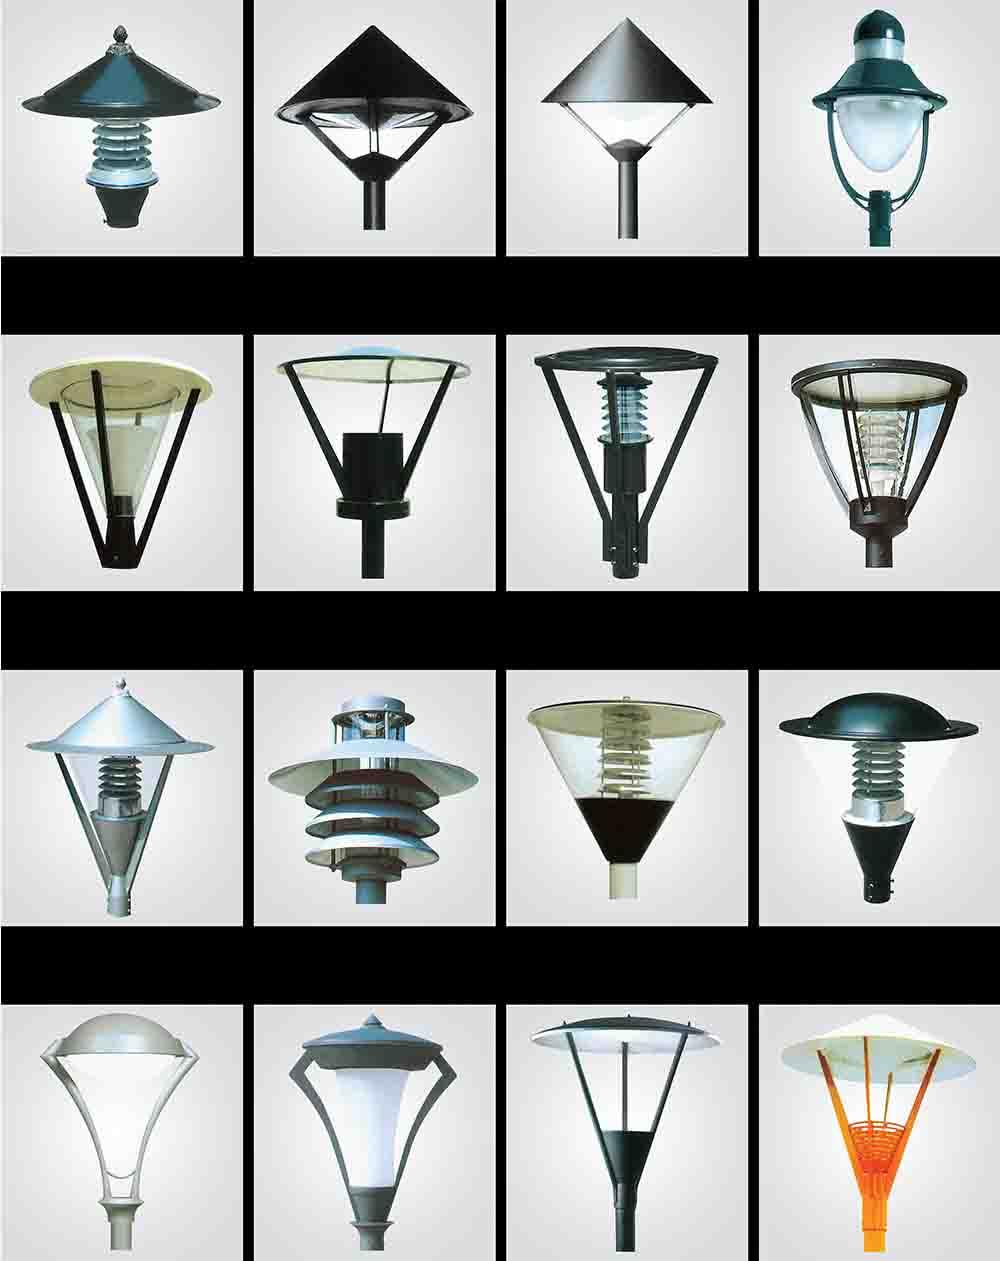 惠安庭院灯厂家 服务为先「南安市诚亿照明科技供应」